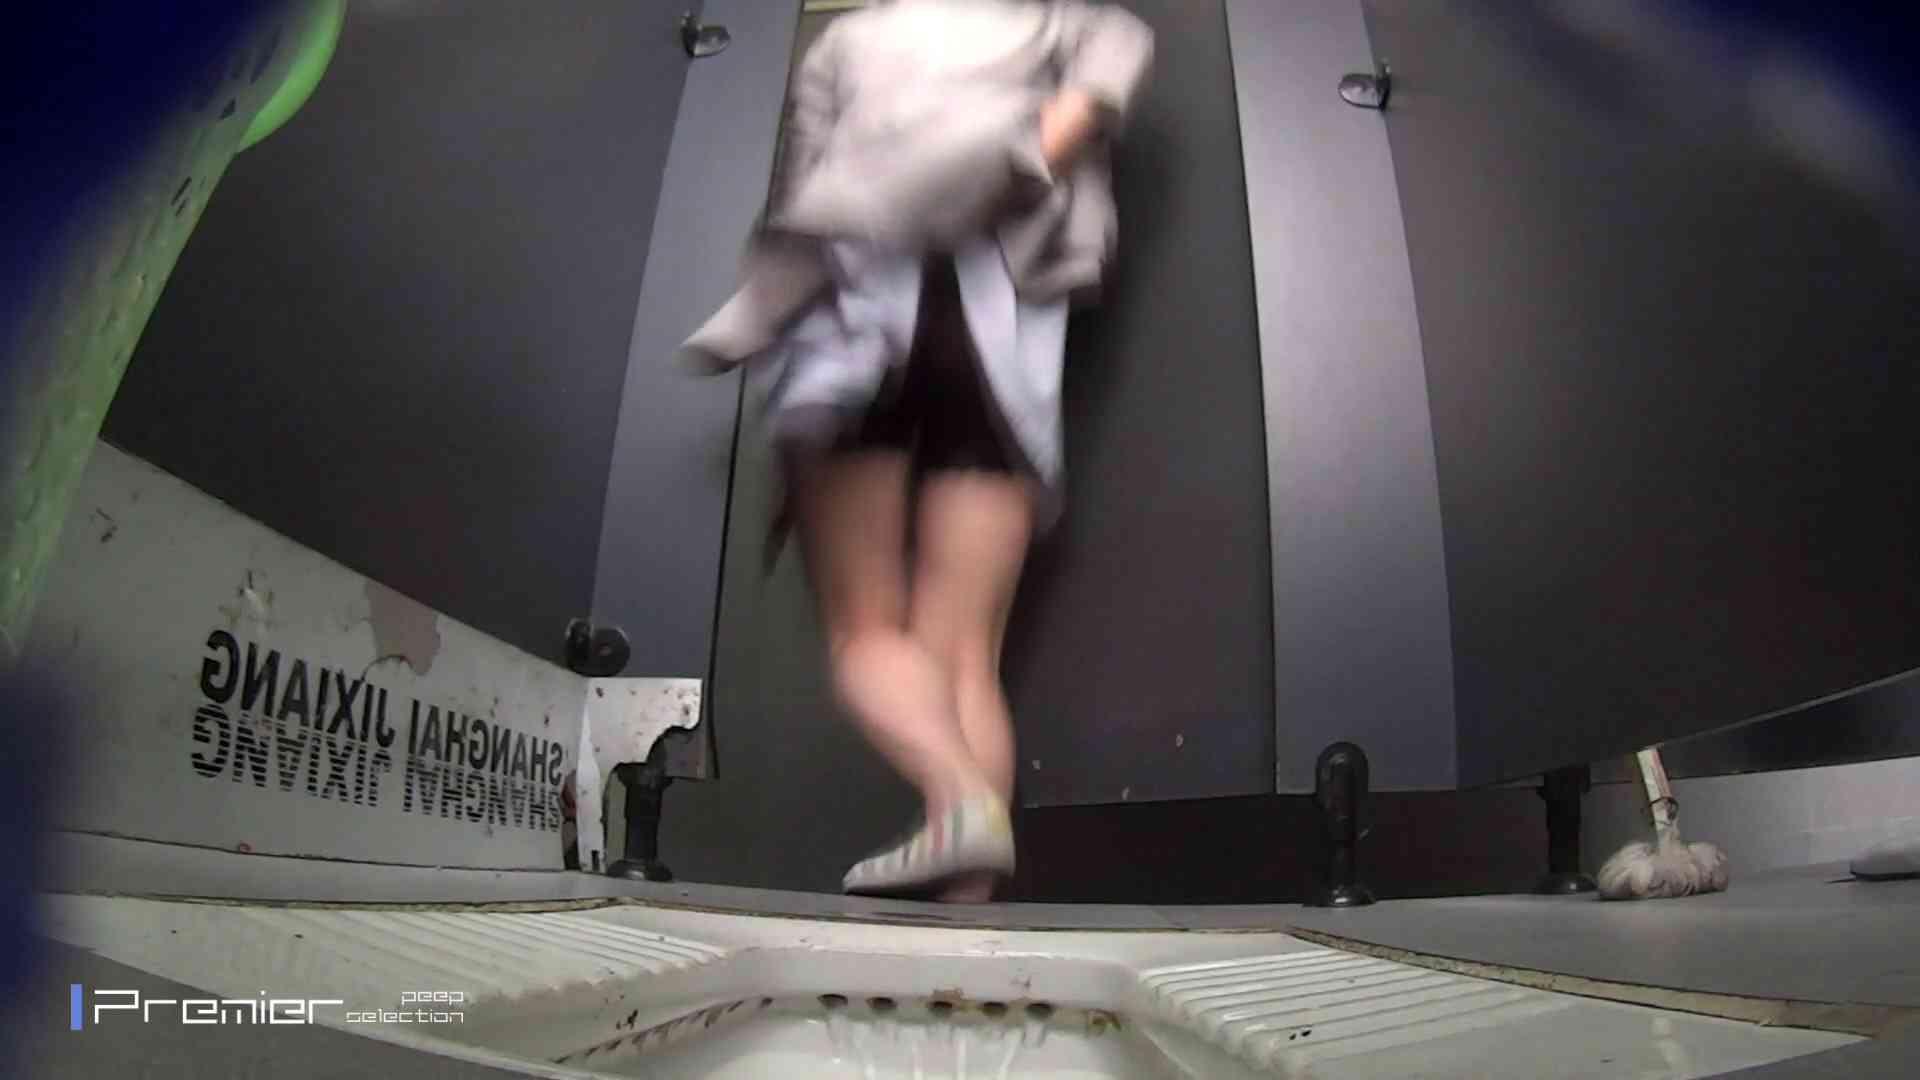 おまんこ|グレースパッツお女市さん 大学休憩時間の洗面所事情31|怪盗ジョーカー